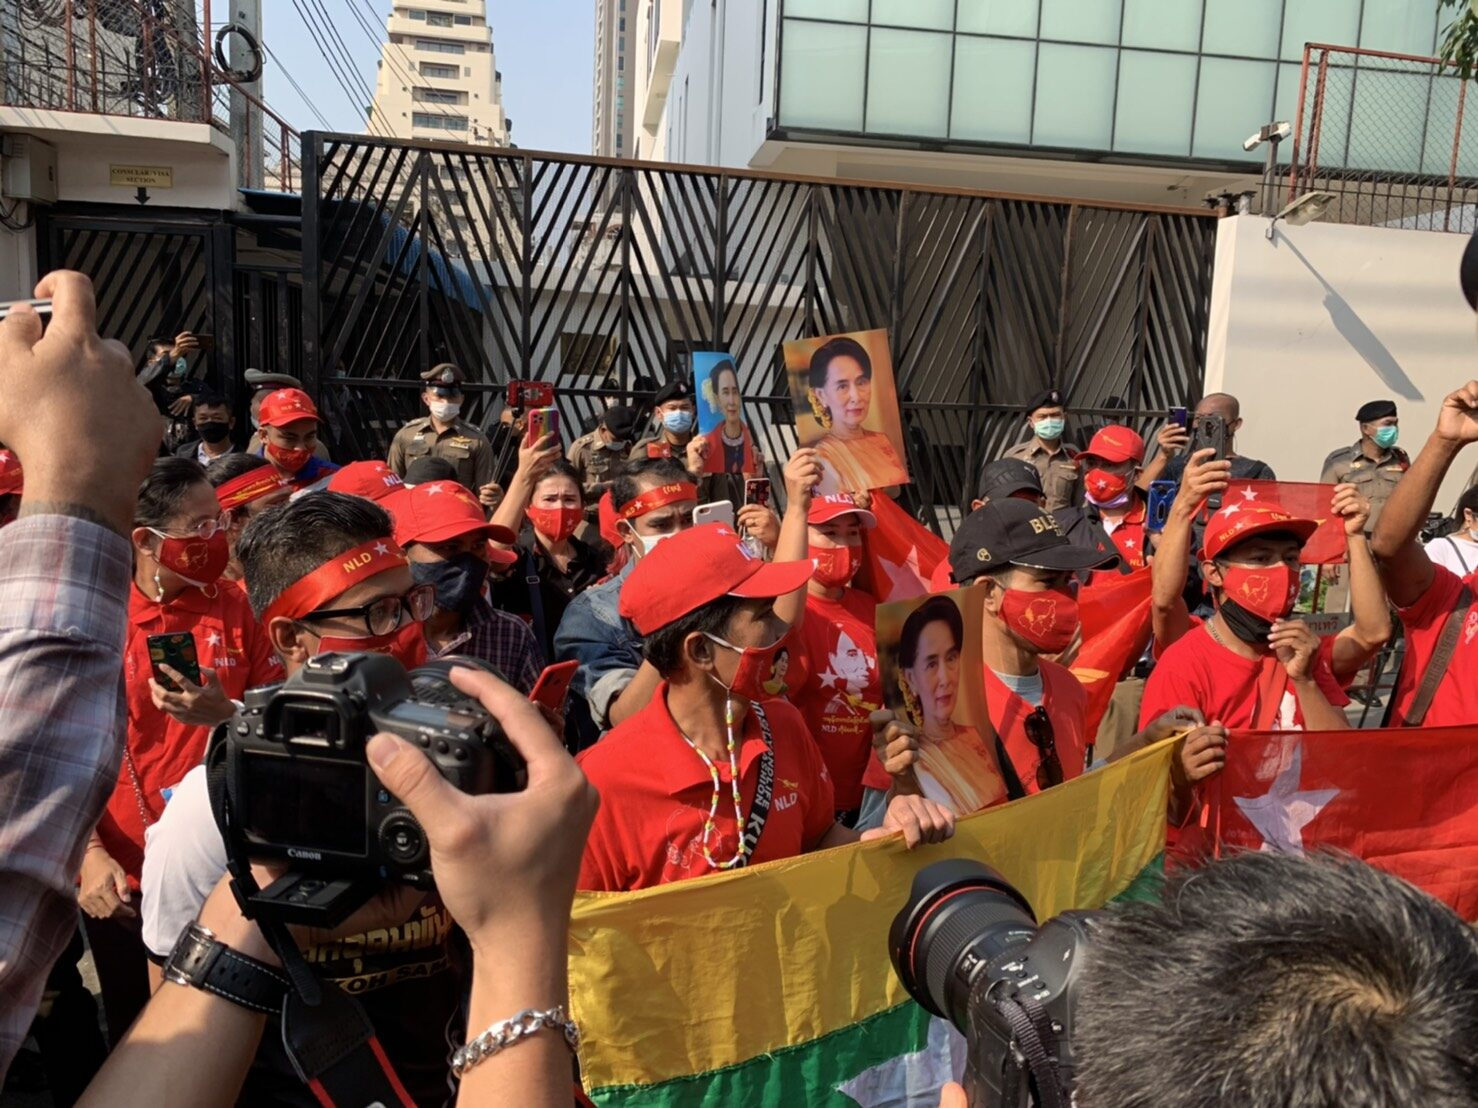 ชาวเมียนมาถือภาพ 'ซูจี' หน้าสถานทูต ลั่นไม่เอารัฐบาลทหาร จ่อไปต่อ 'ยูเอ็น'